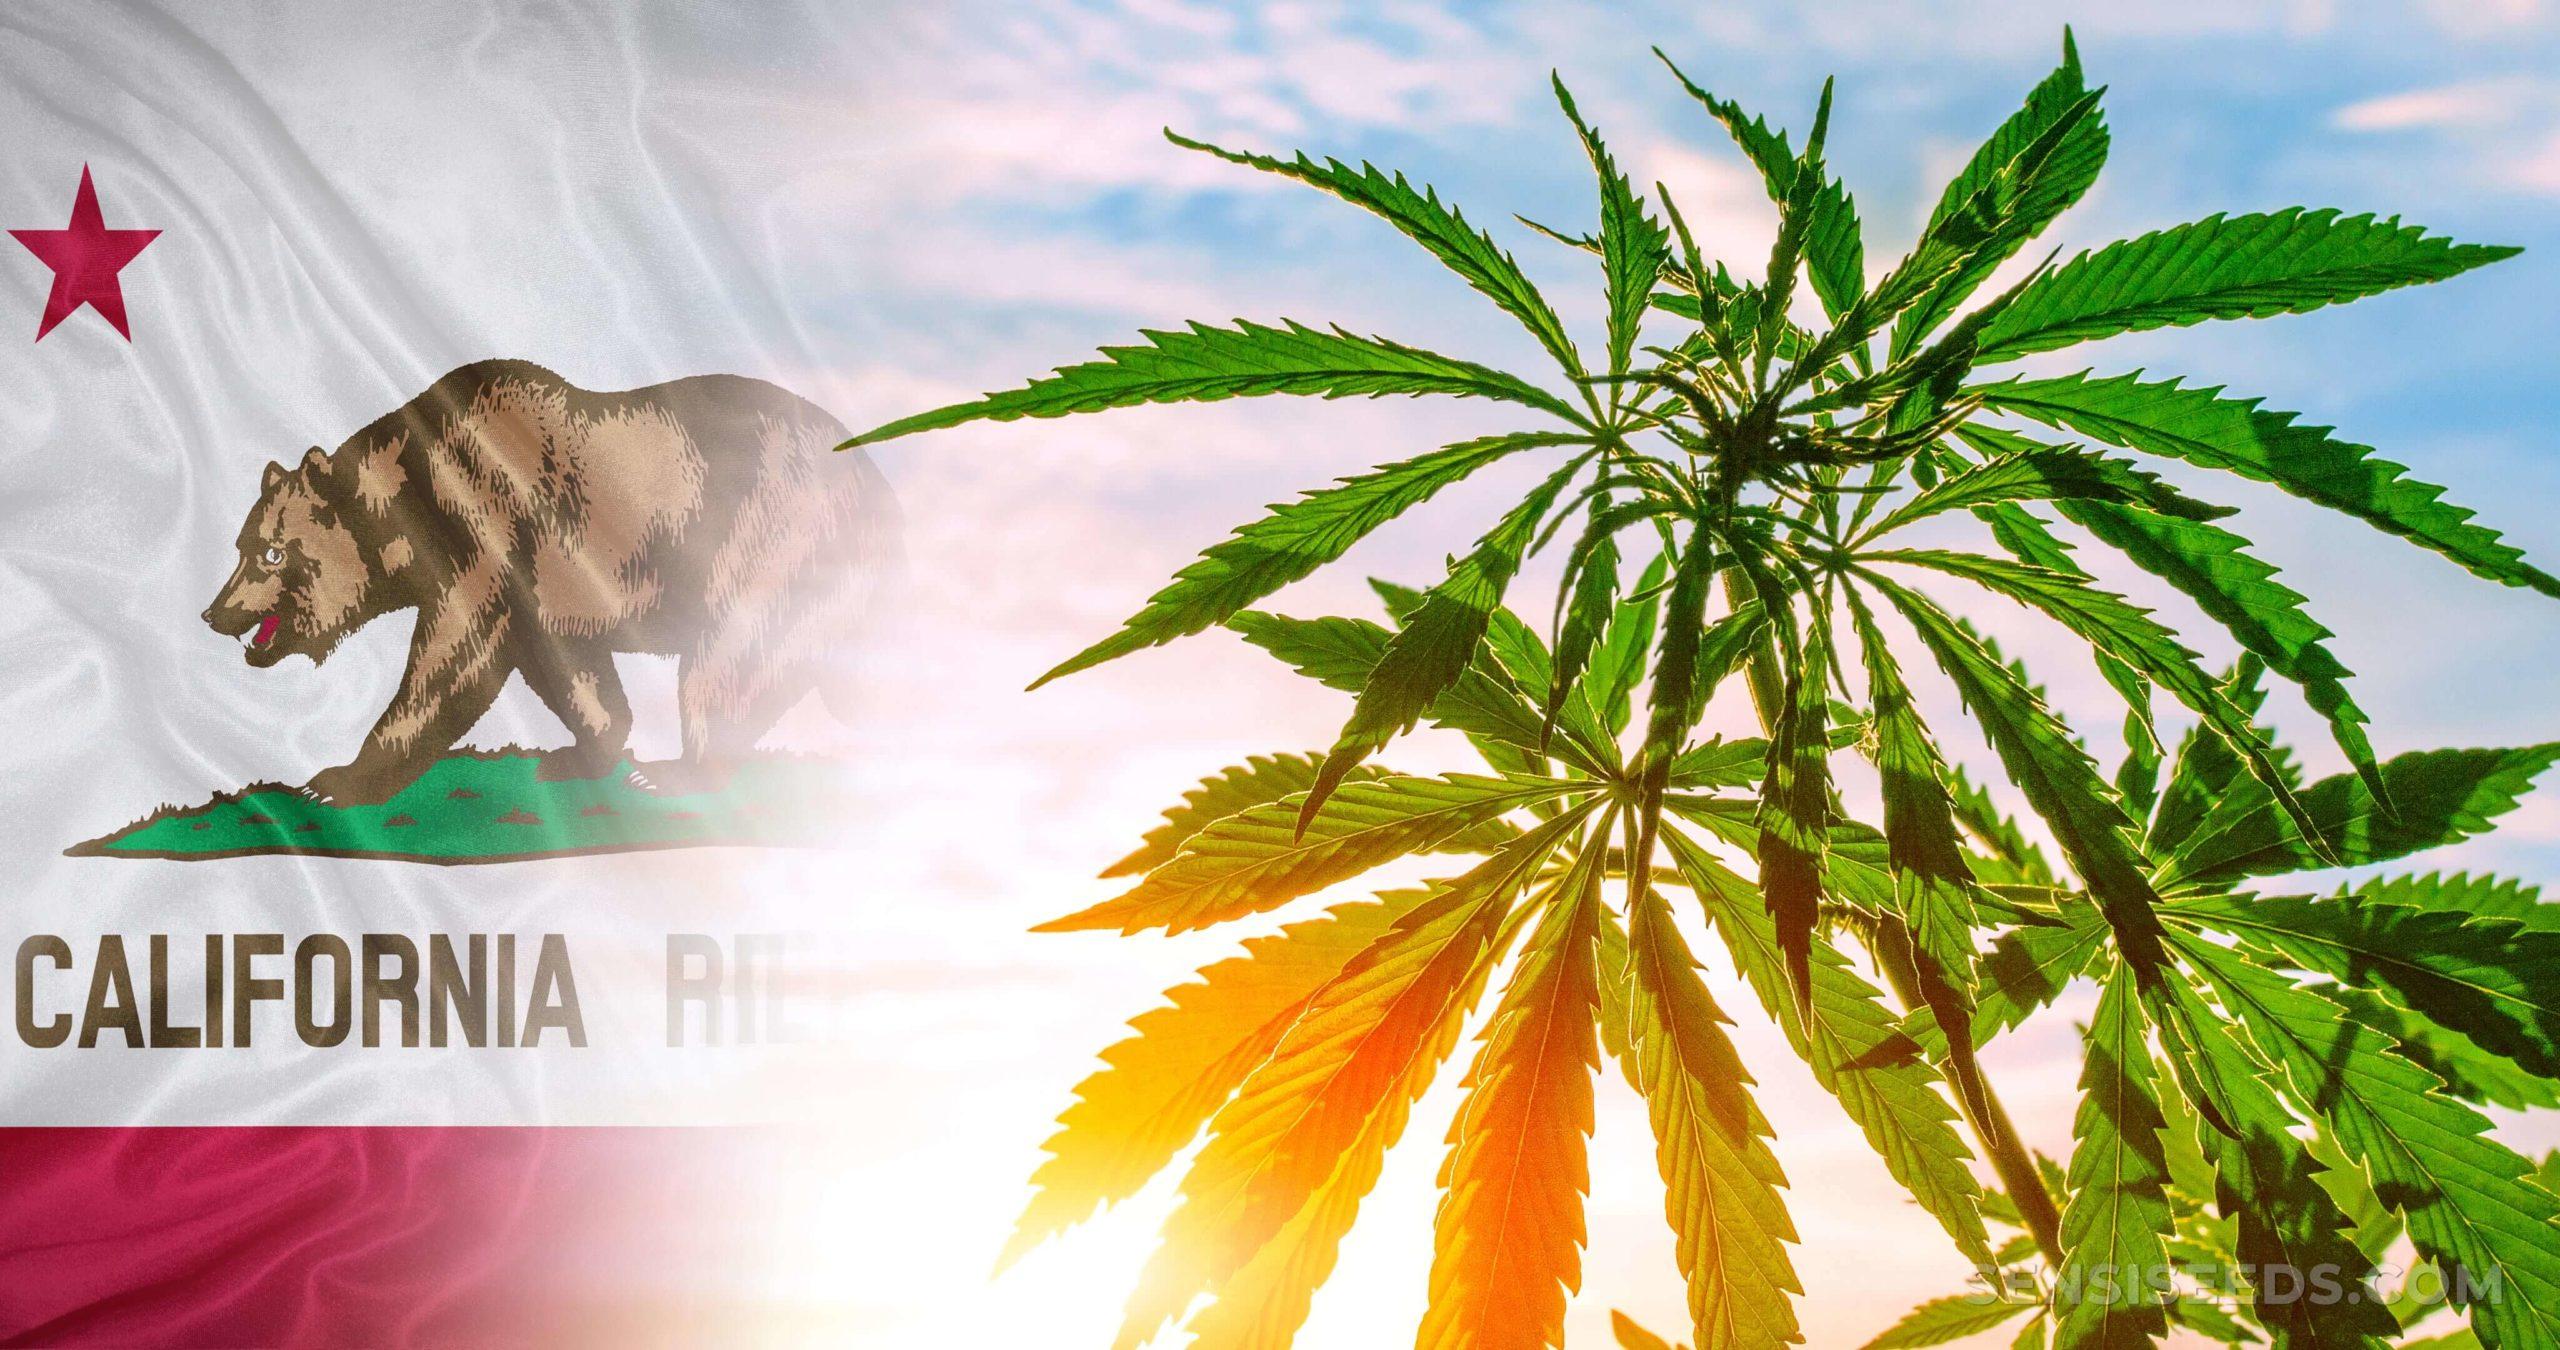 The California flag and a cannabis plant against a blue sky